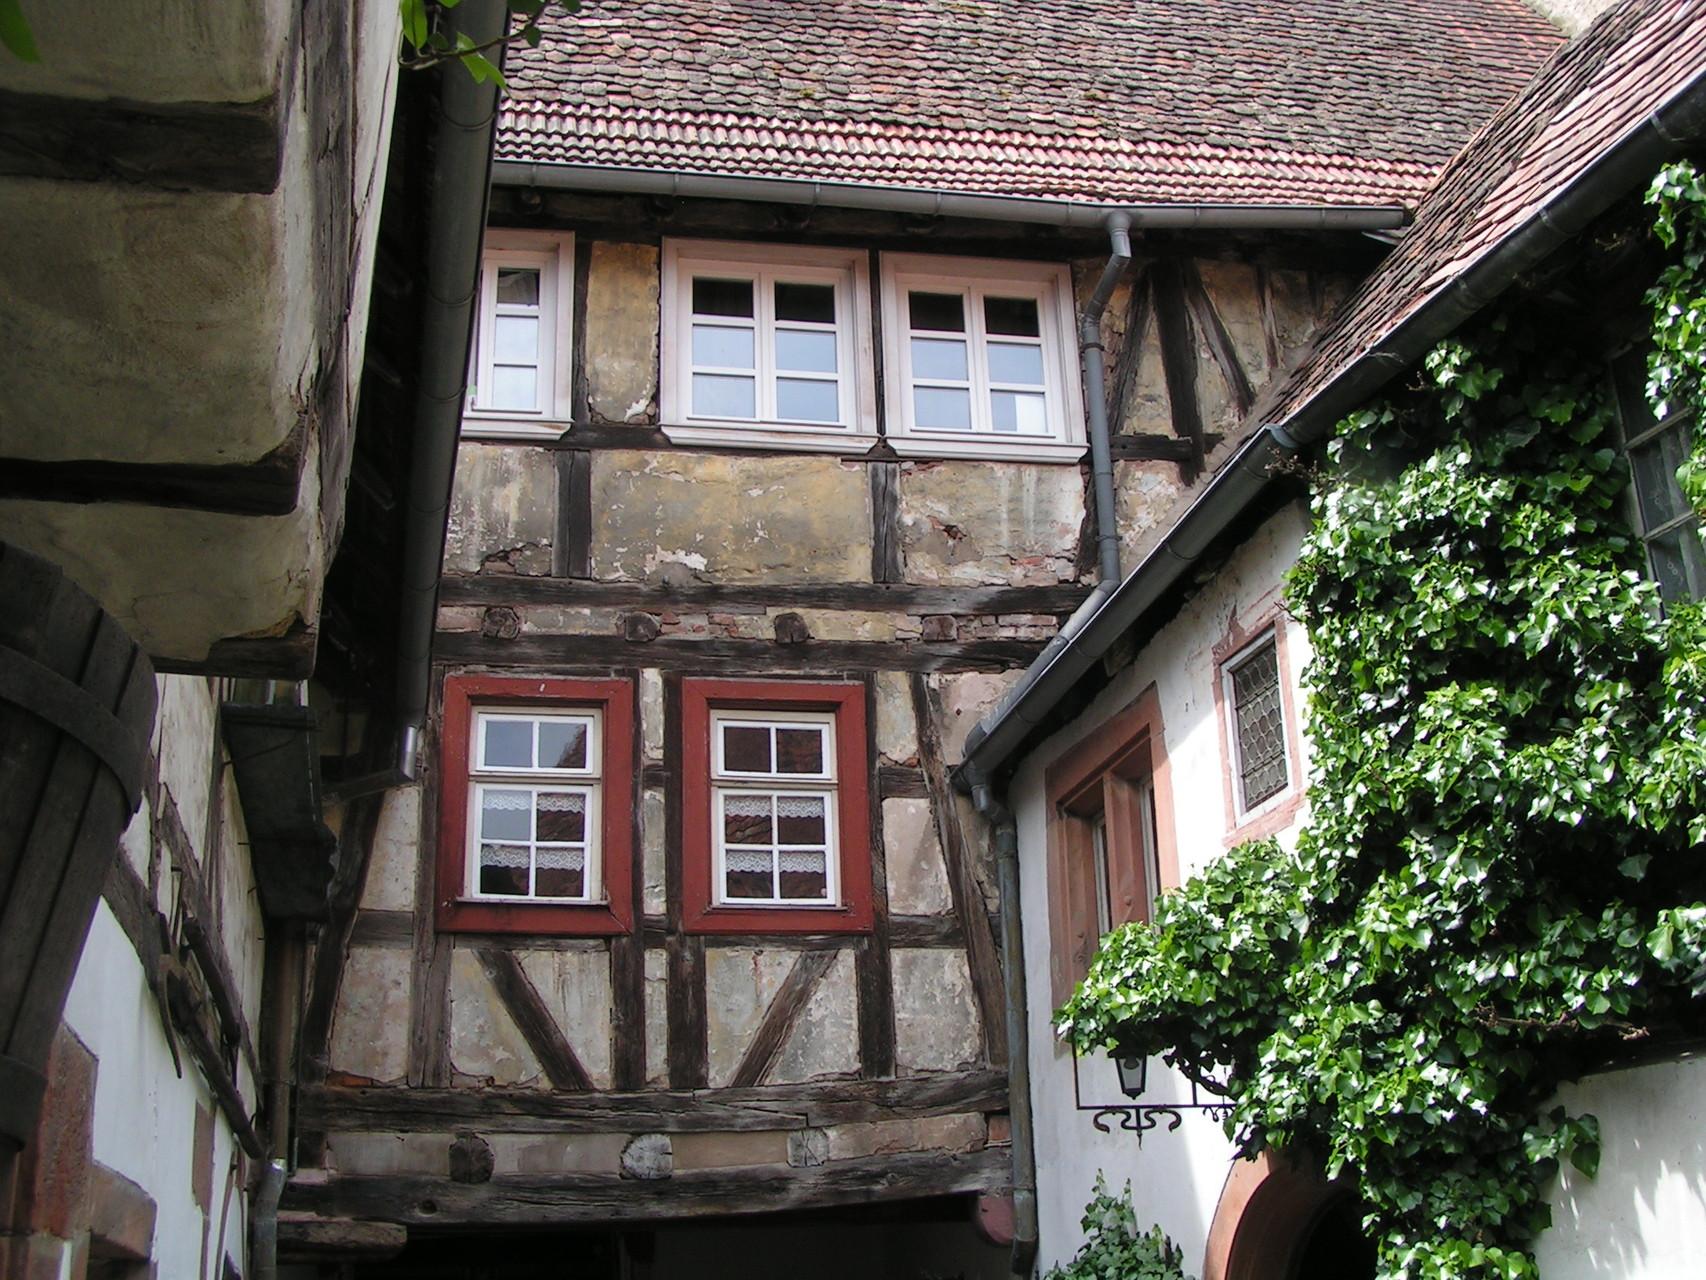 Deteils des ehemaligen Hotels in Weißenburg